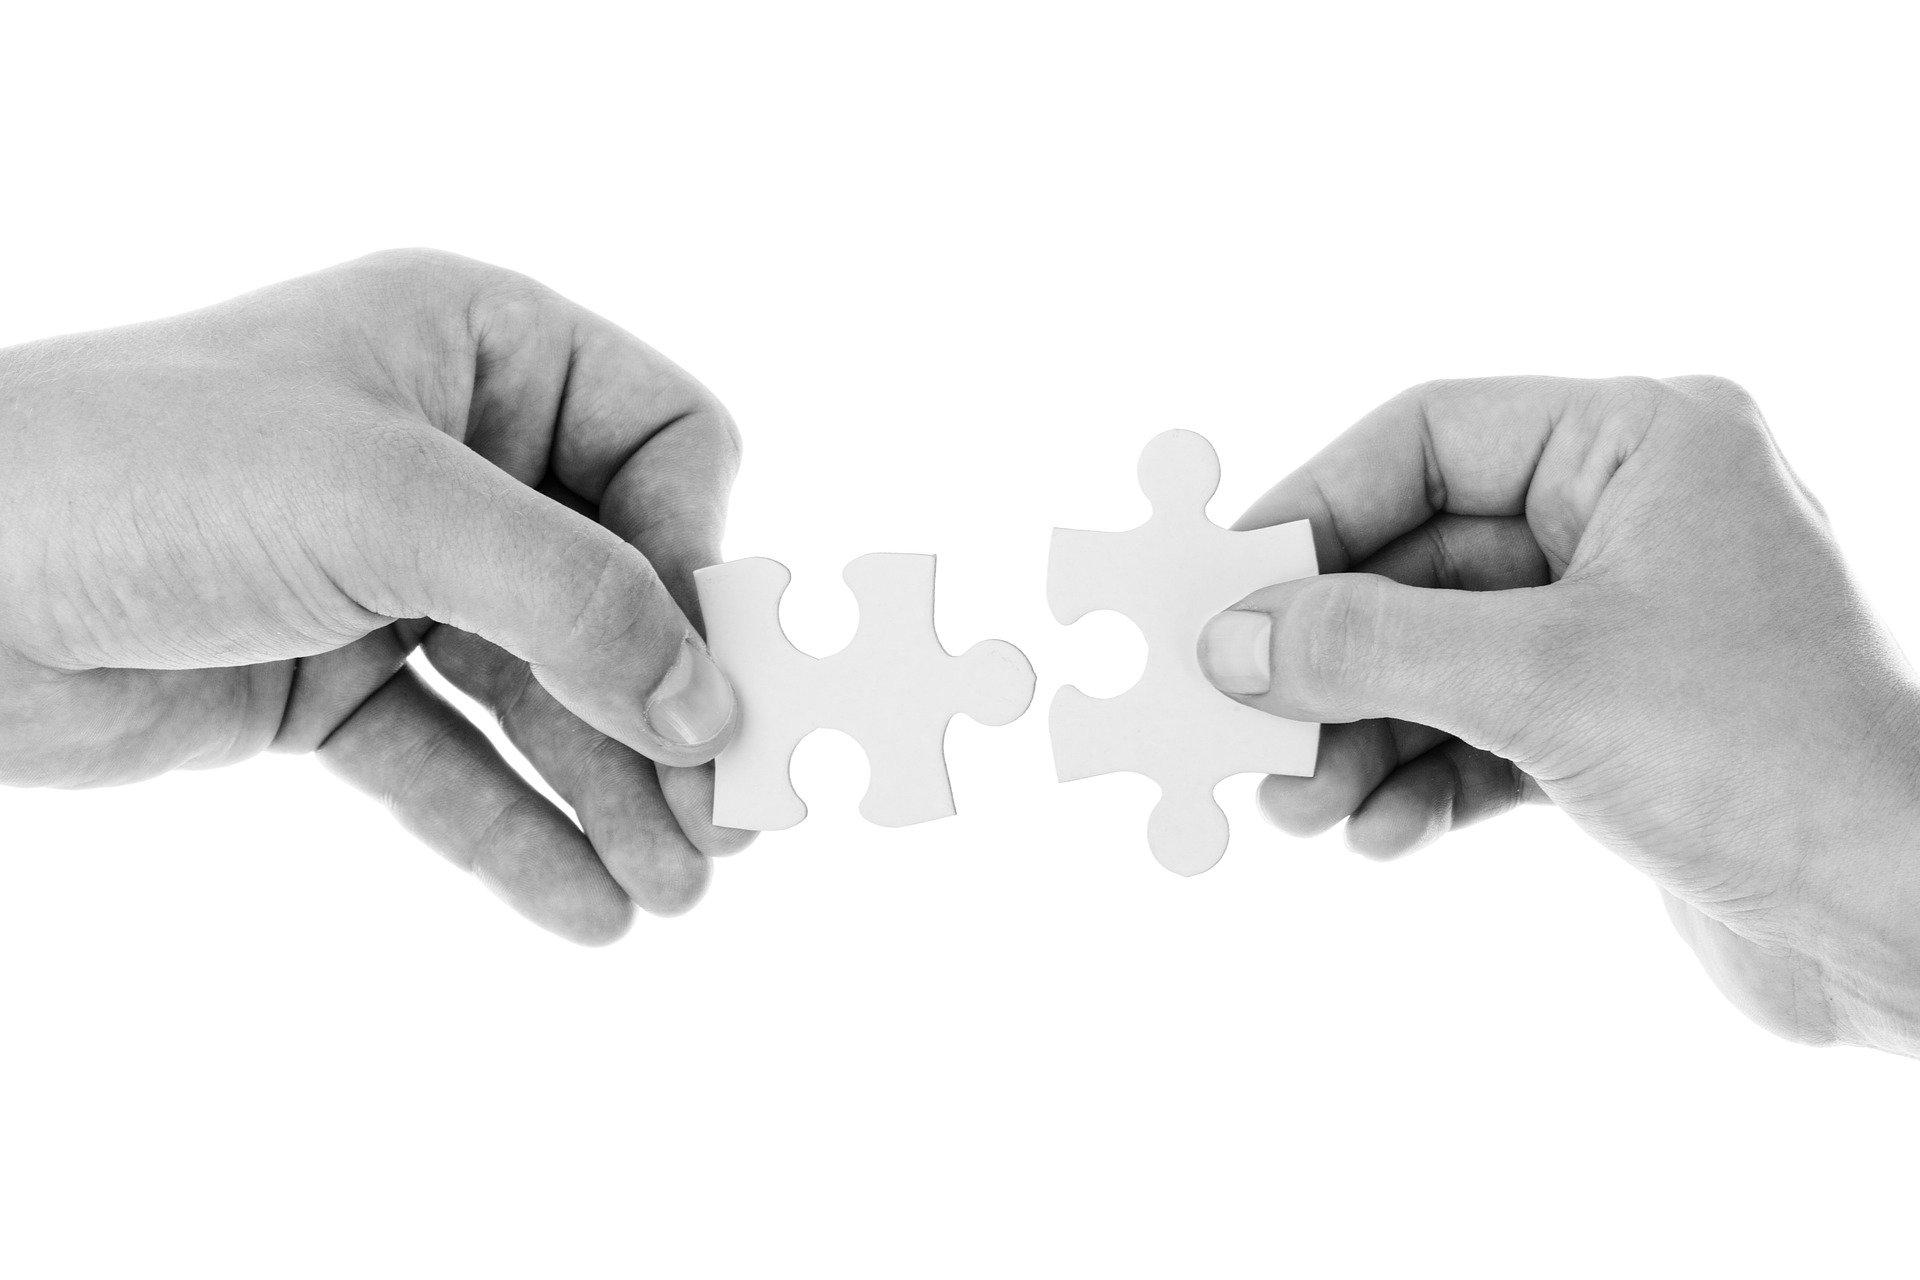 Comment préparer la succession : rédiger une charte familiale